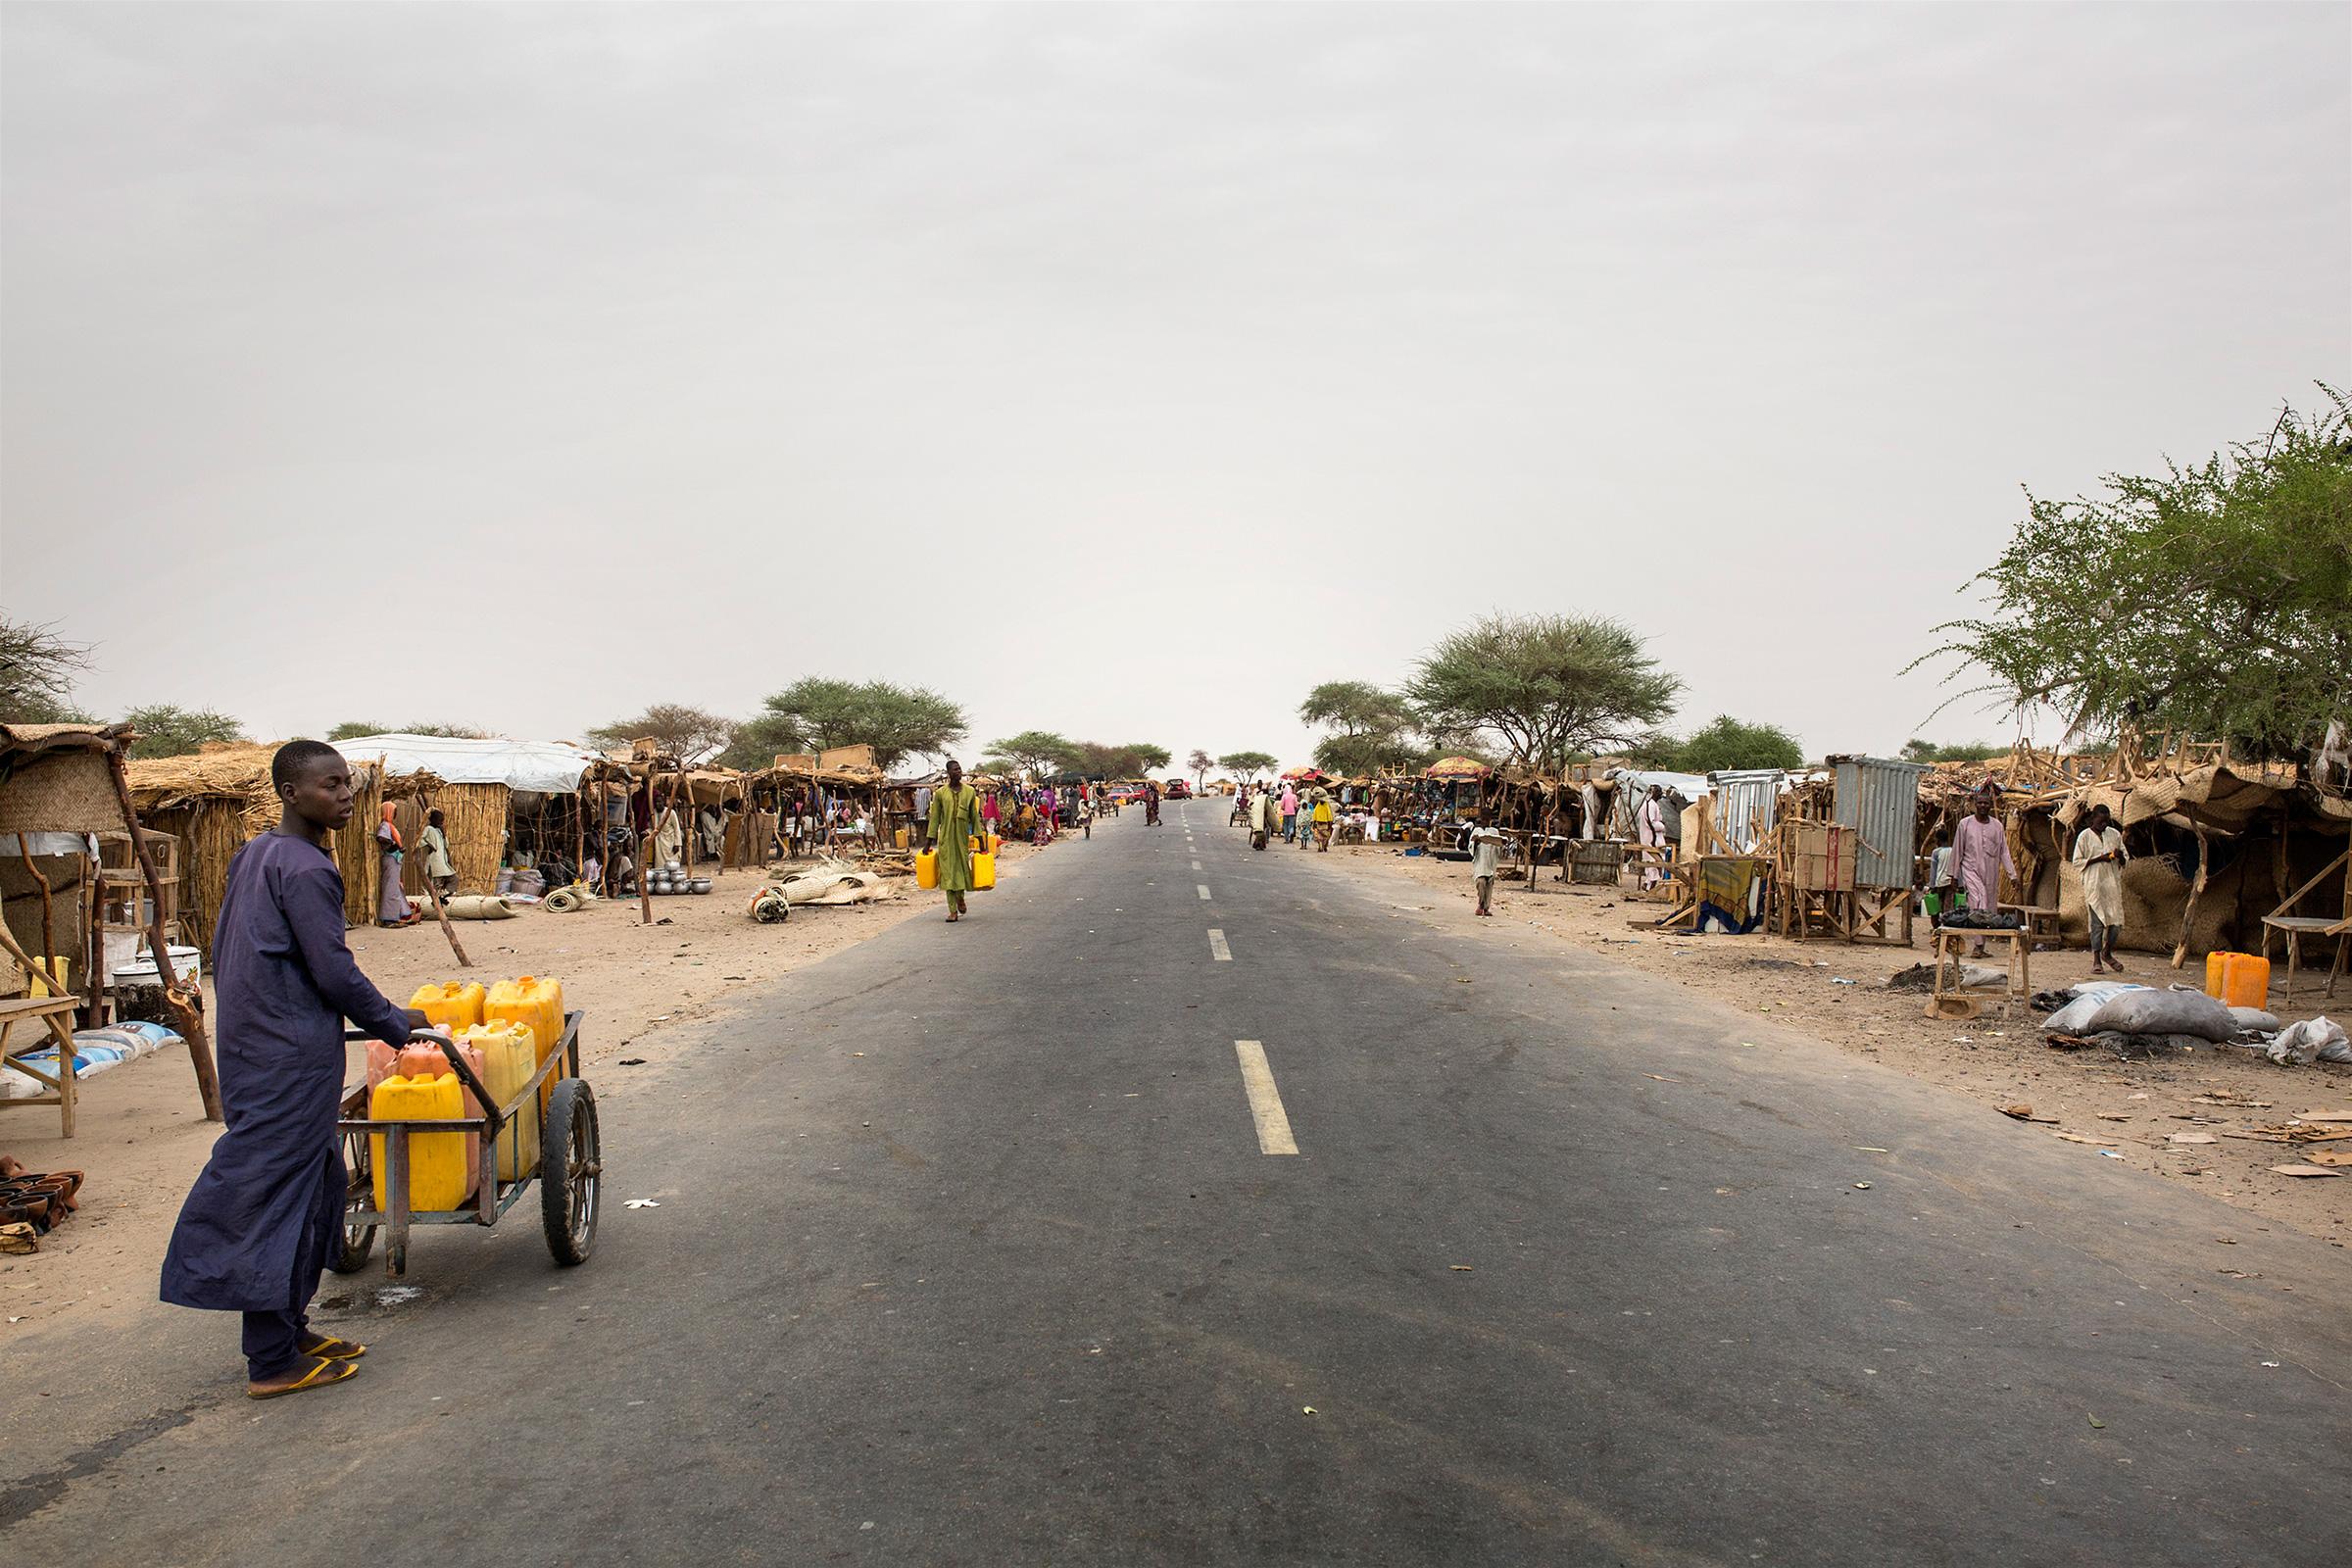 La carretera del miedo entre Níger y Nigeria